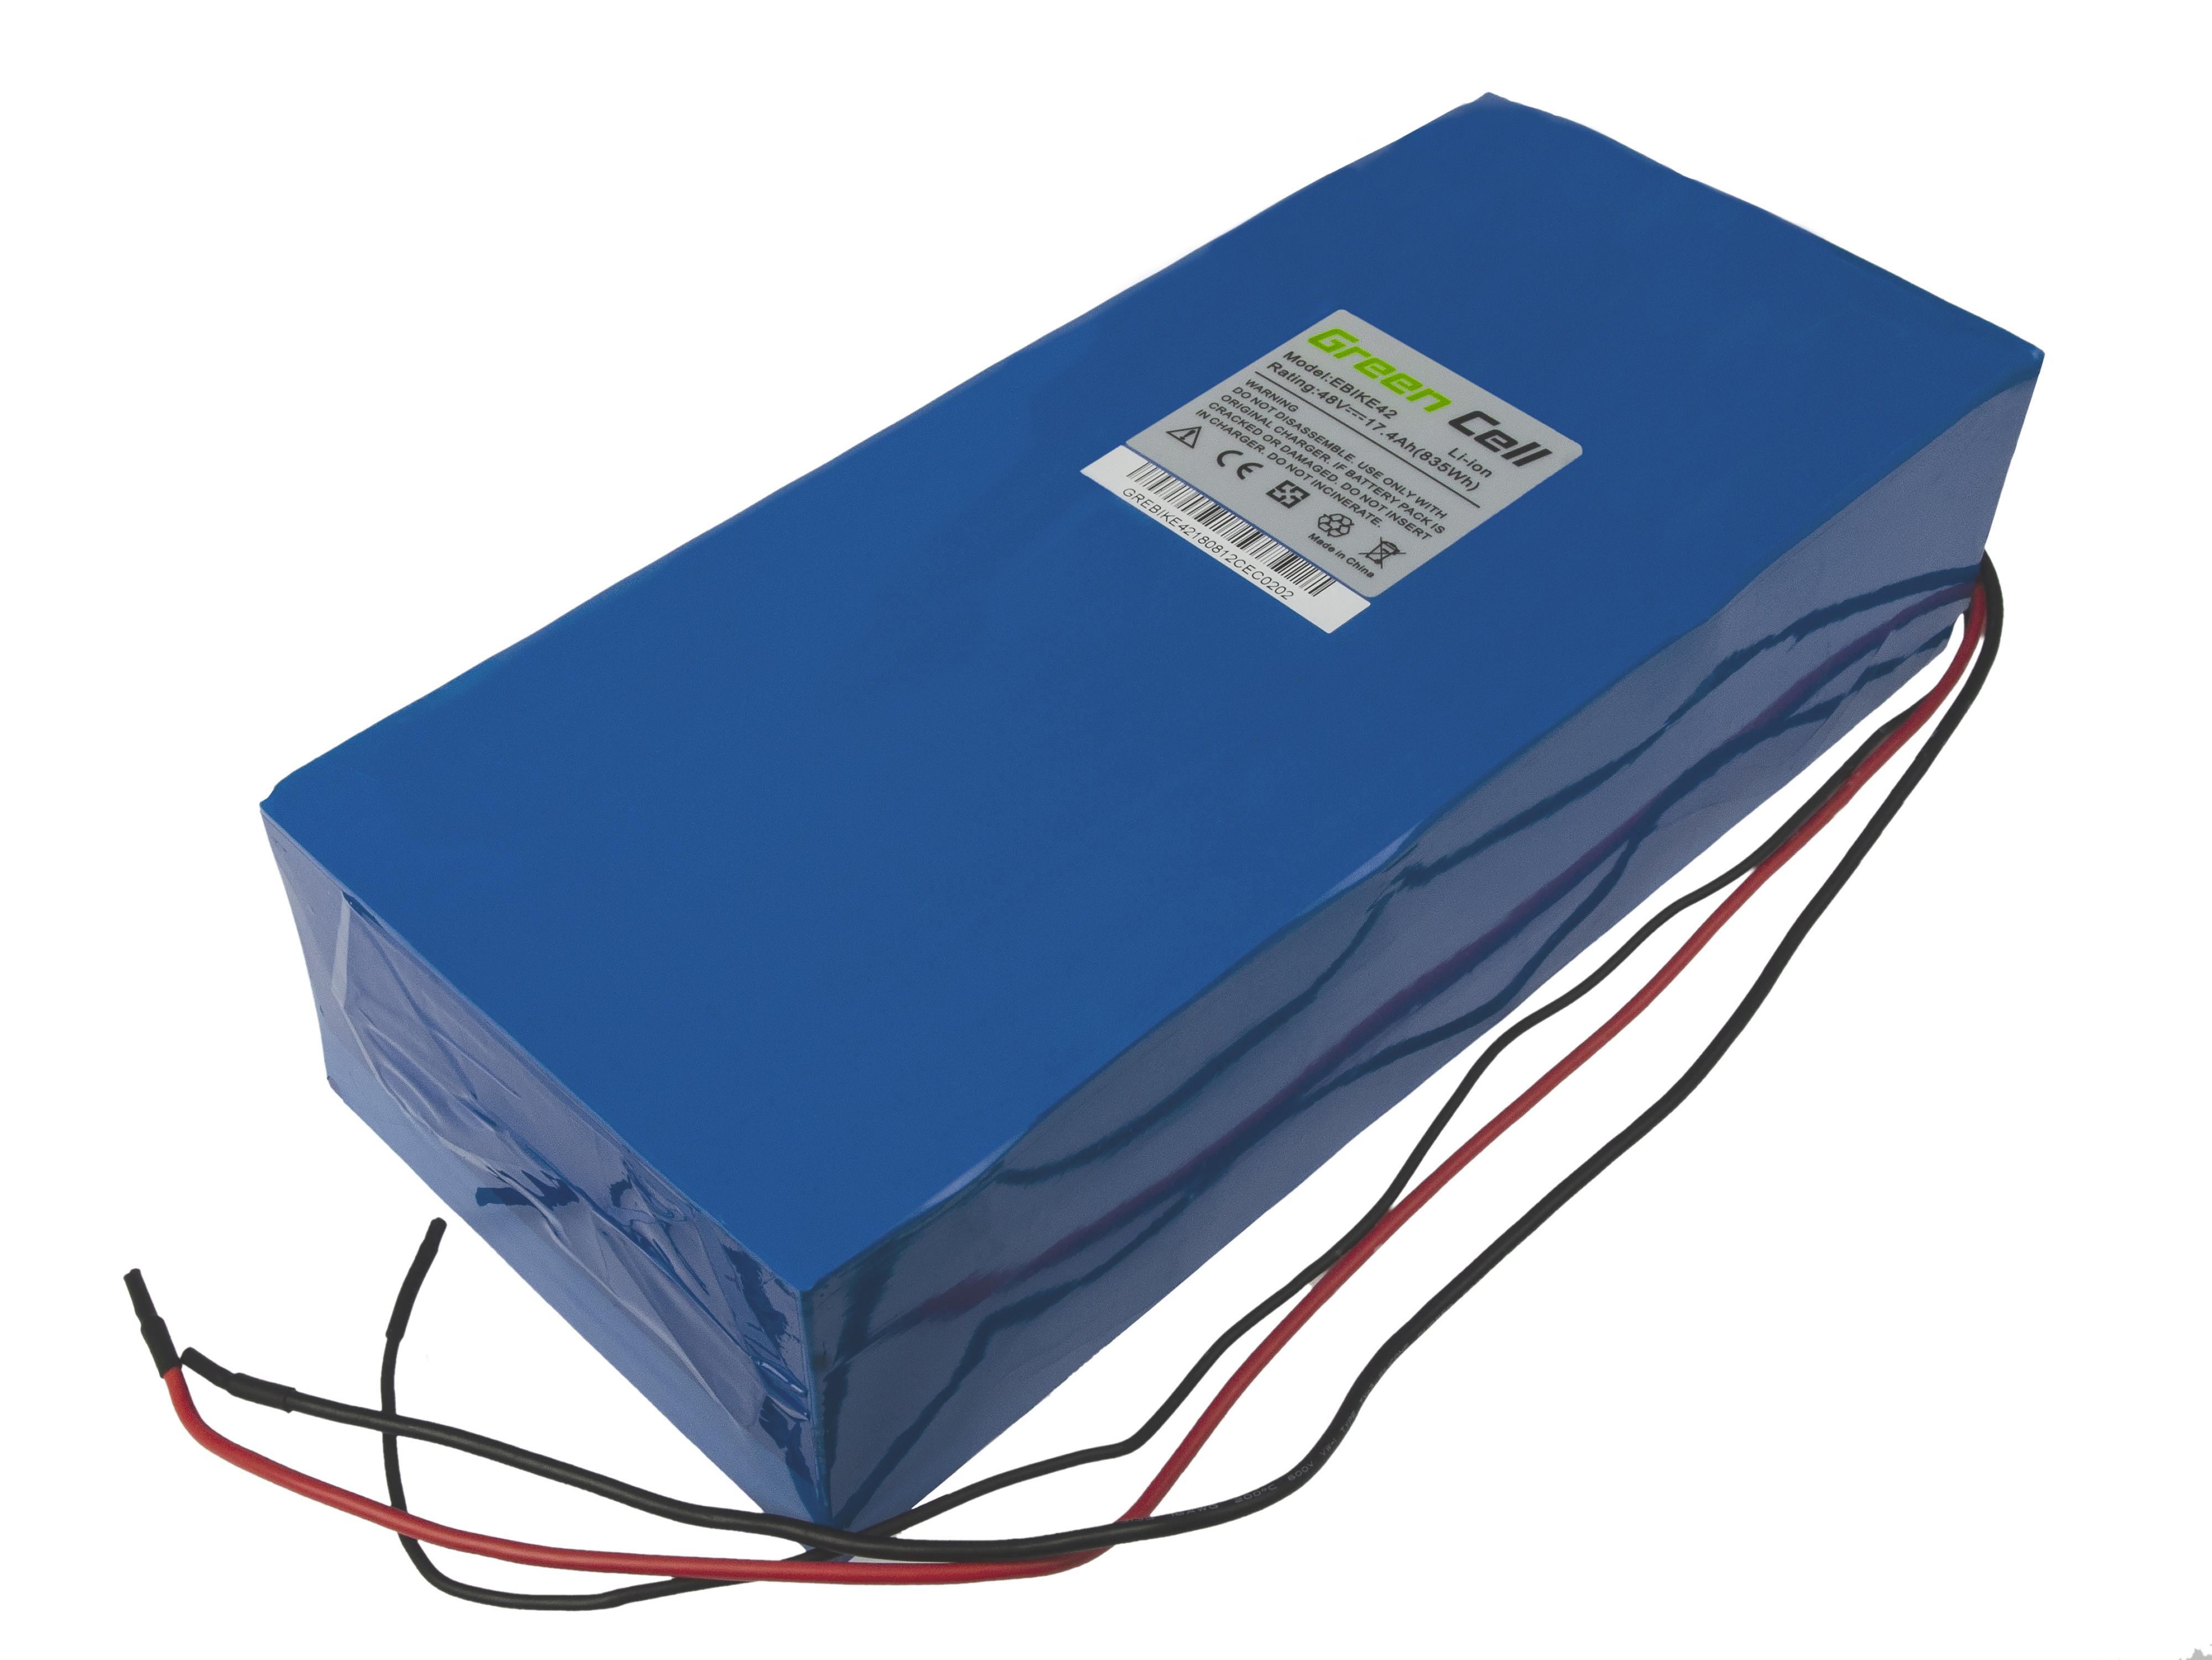 Green Cell eBike Baterie Battery Pack 48V 17,4Ah 835Wh E-Bike Pedelec